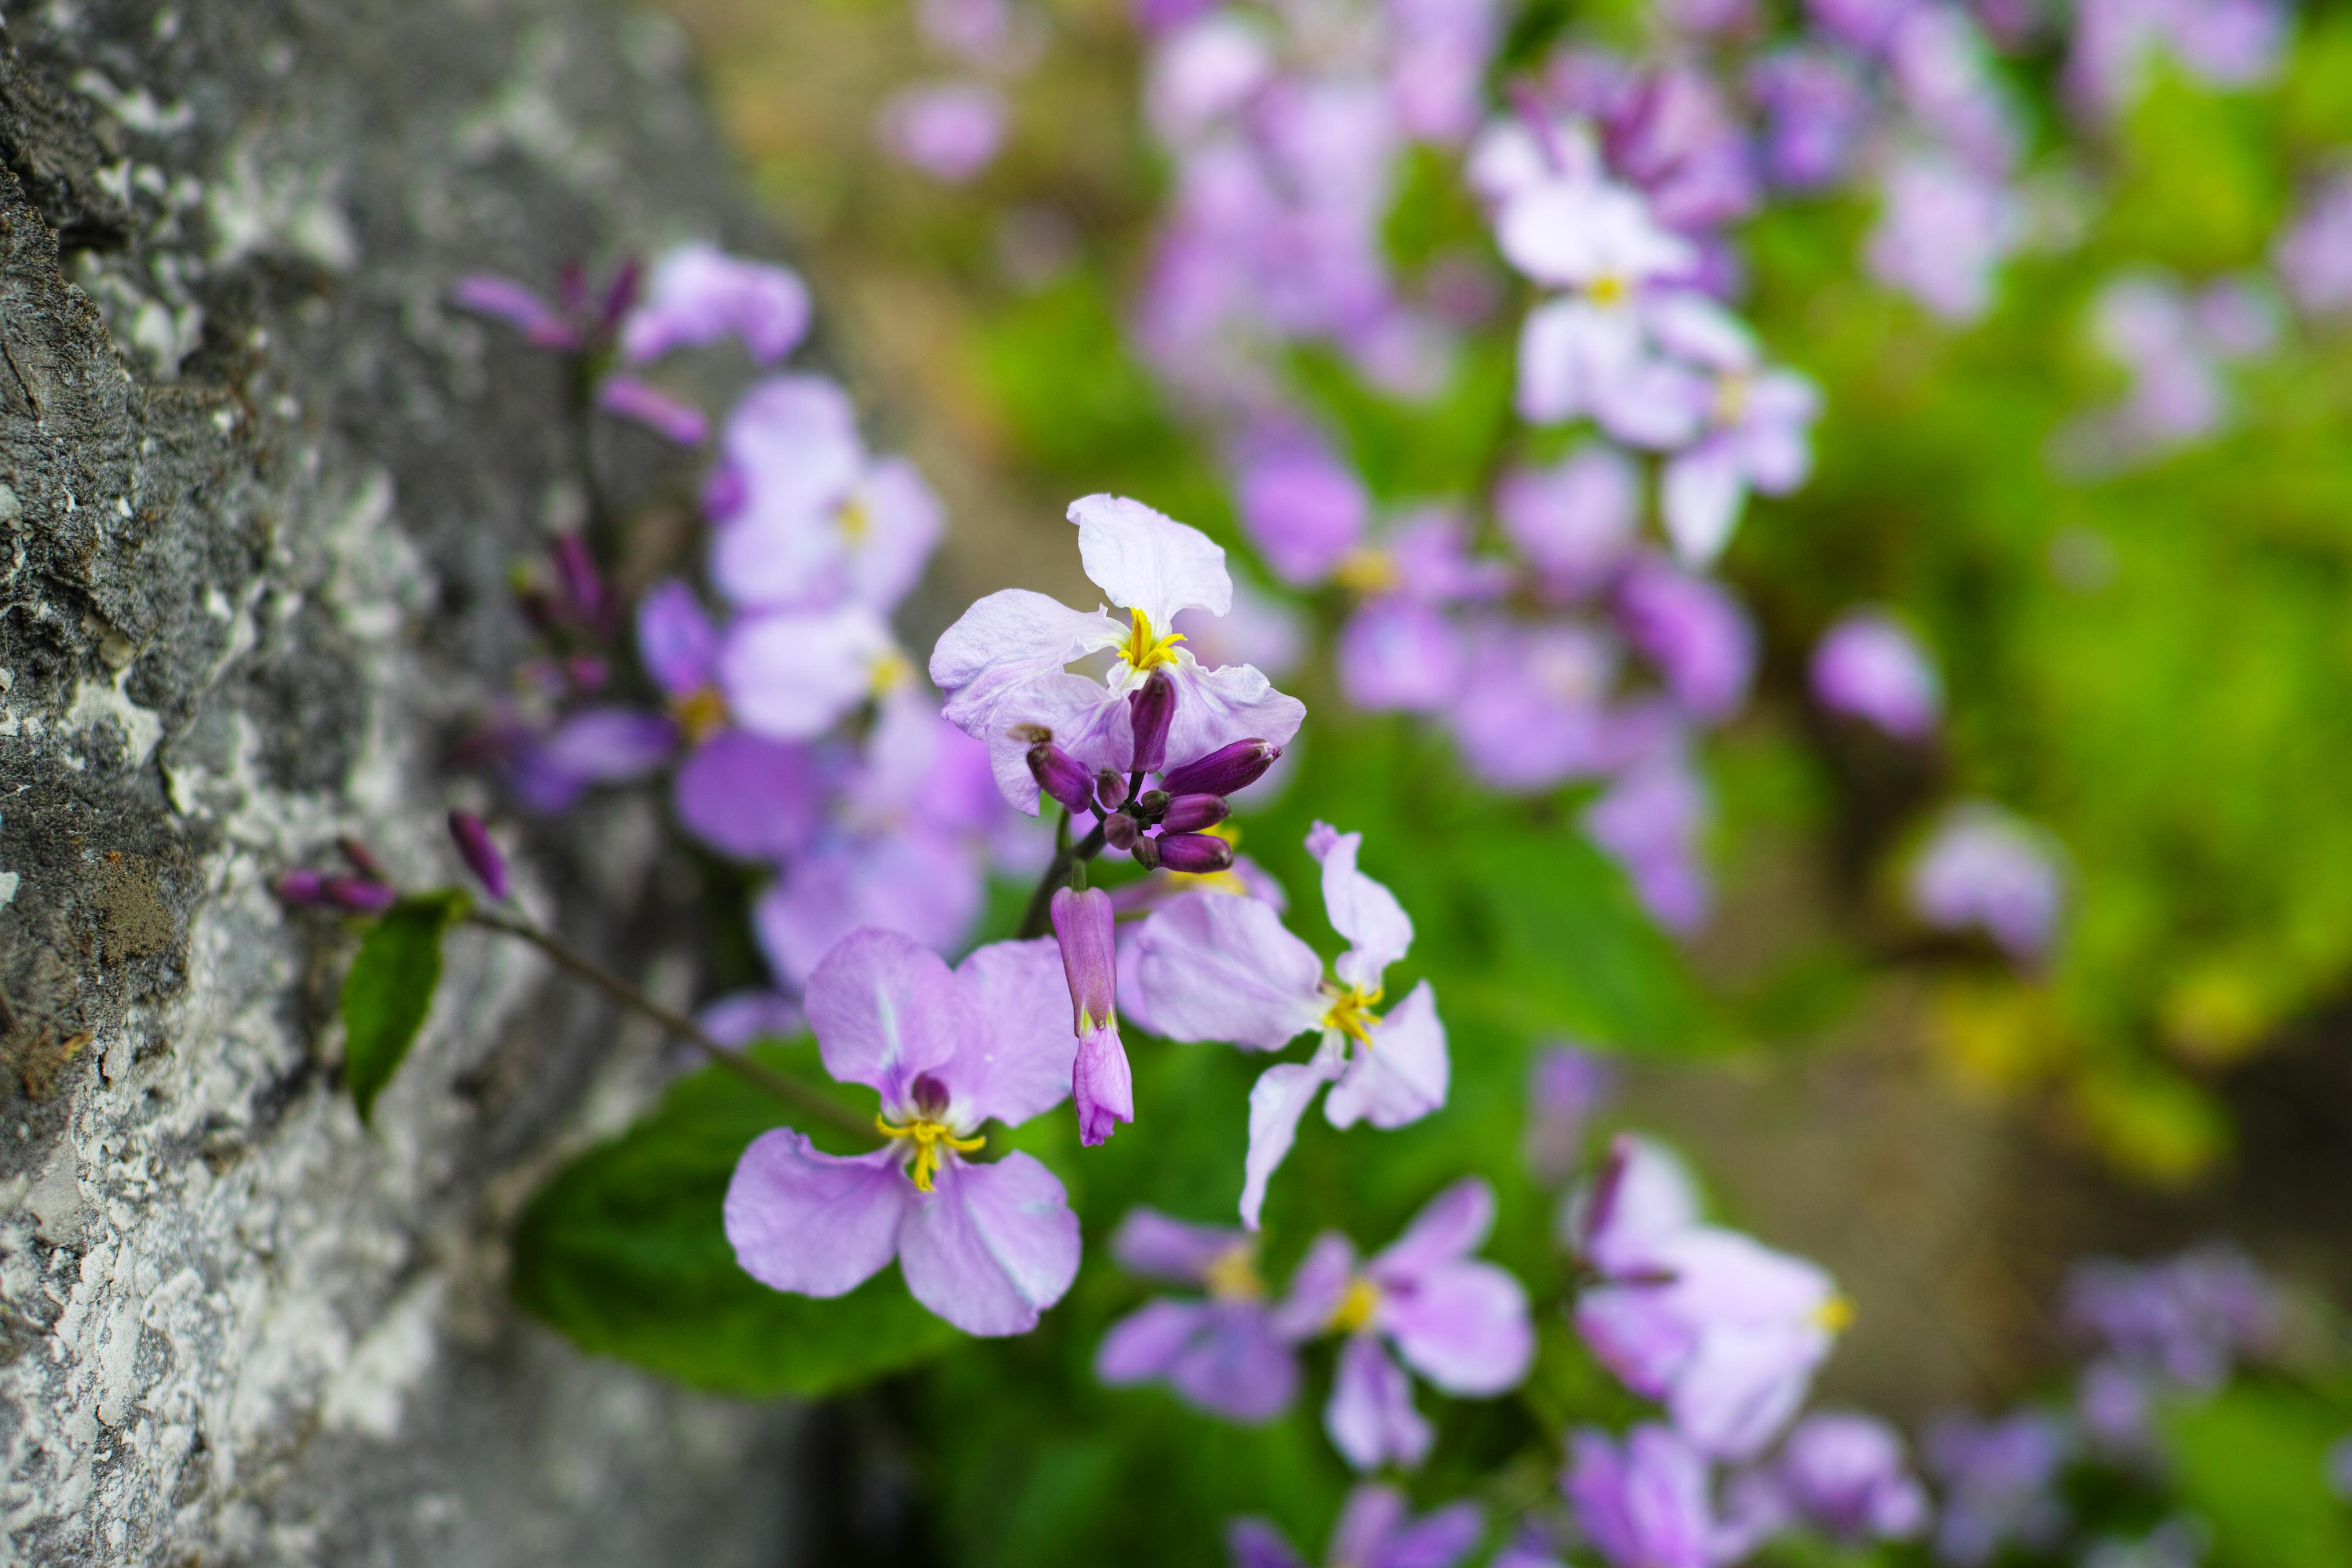 Flores Hermosas Flores Silvestres Fondos De Pantalla Gratis: Fondos De Pantalla : Flores, Naturaleza, Primavera, Color